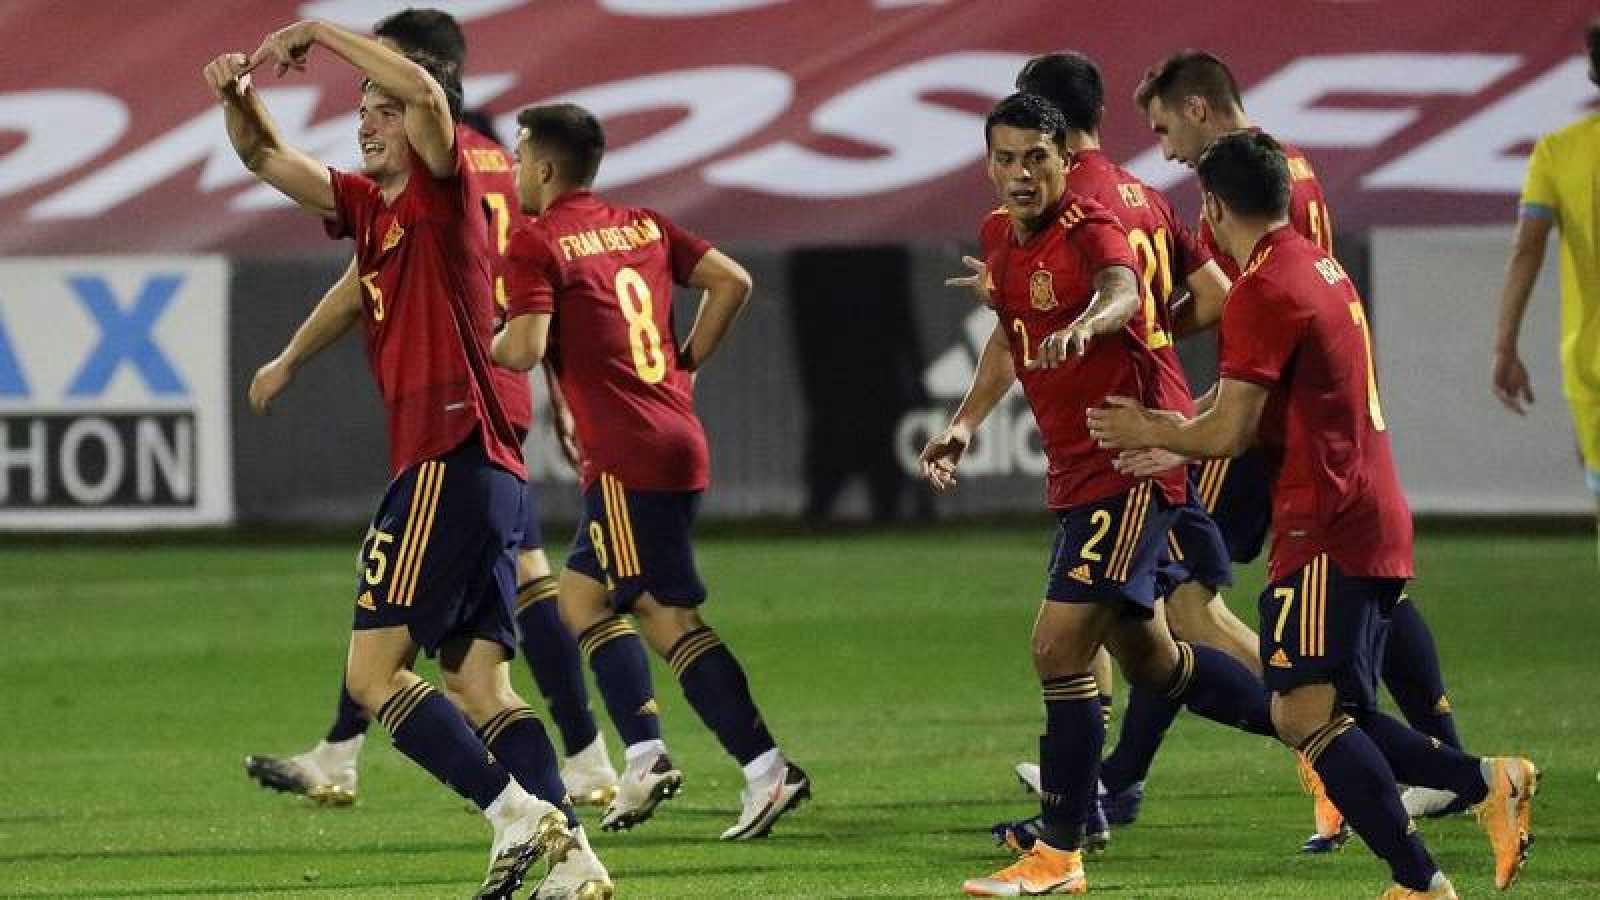 La selección española sub-21 ha sellado el pase al Europeo.